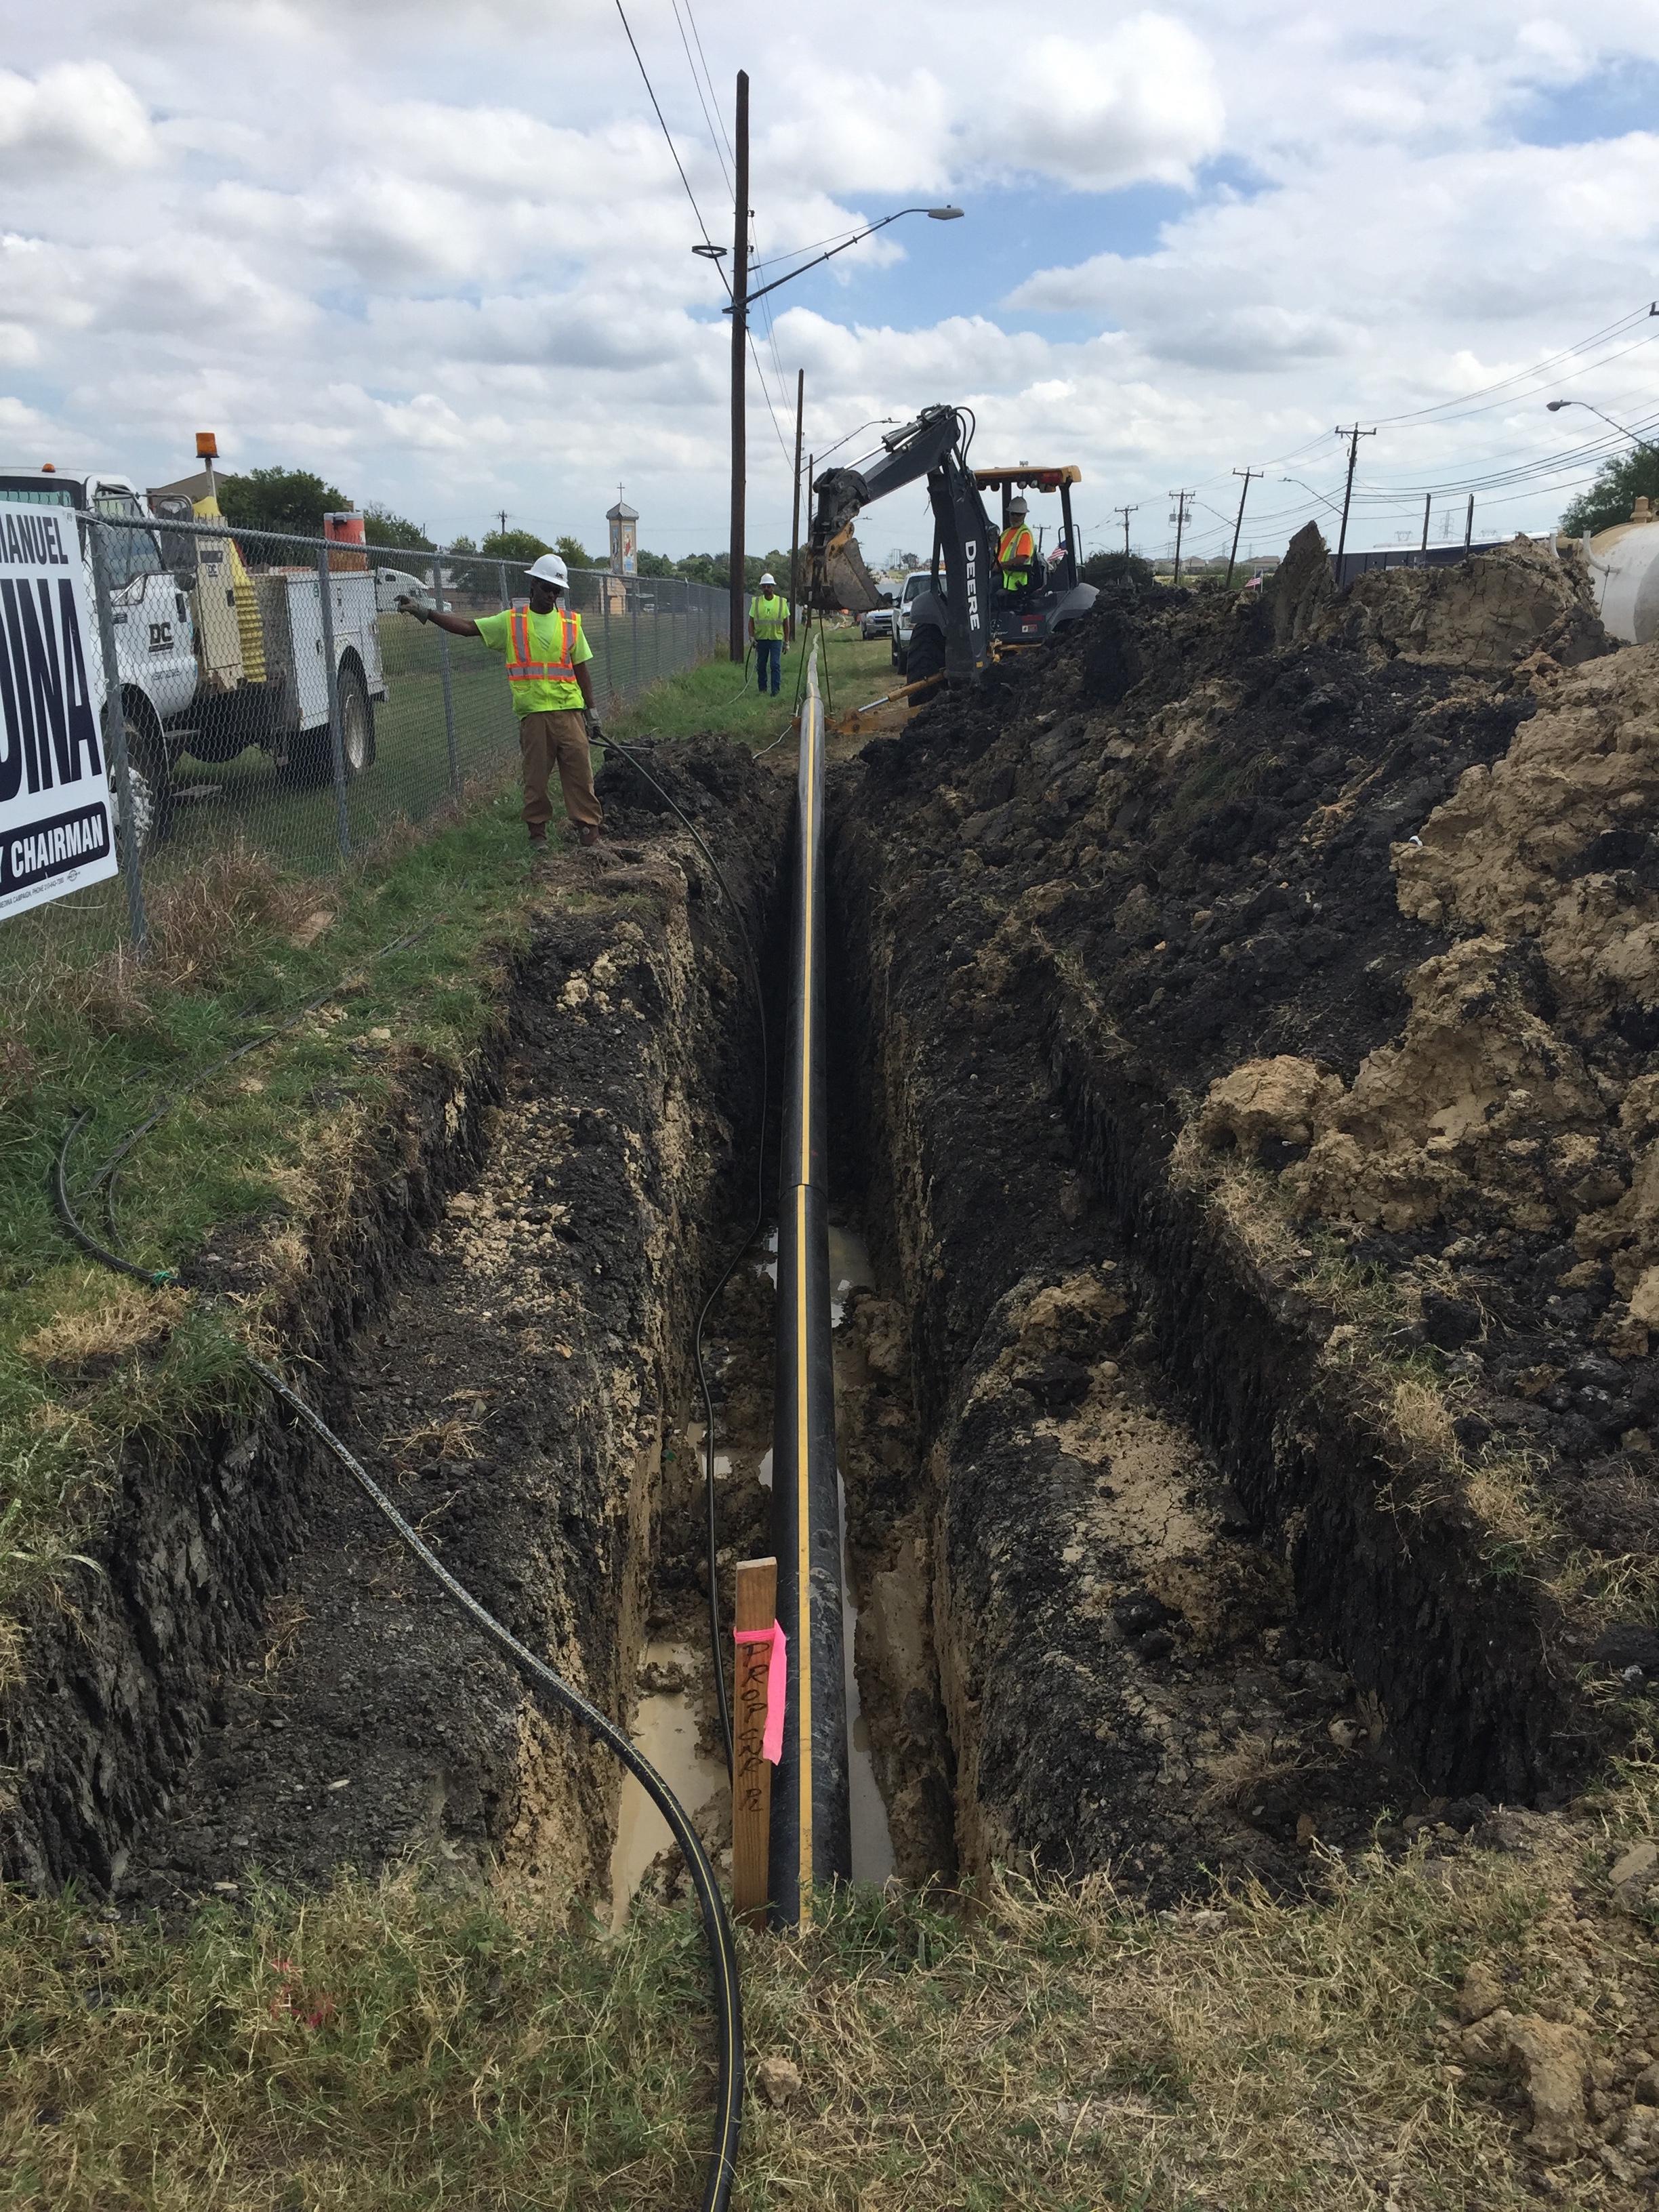 Boring Contractors Dirt Bores   Right of Way Long Bores